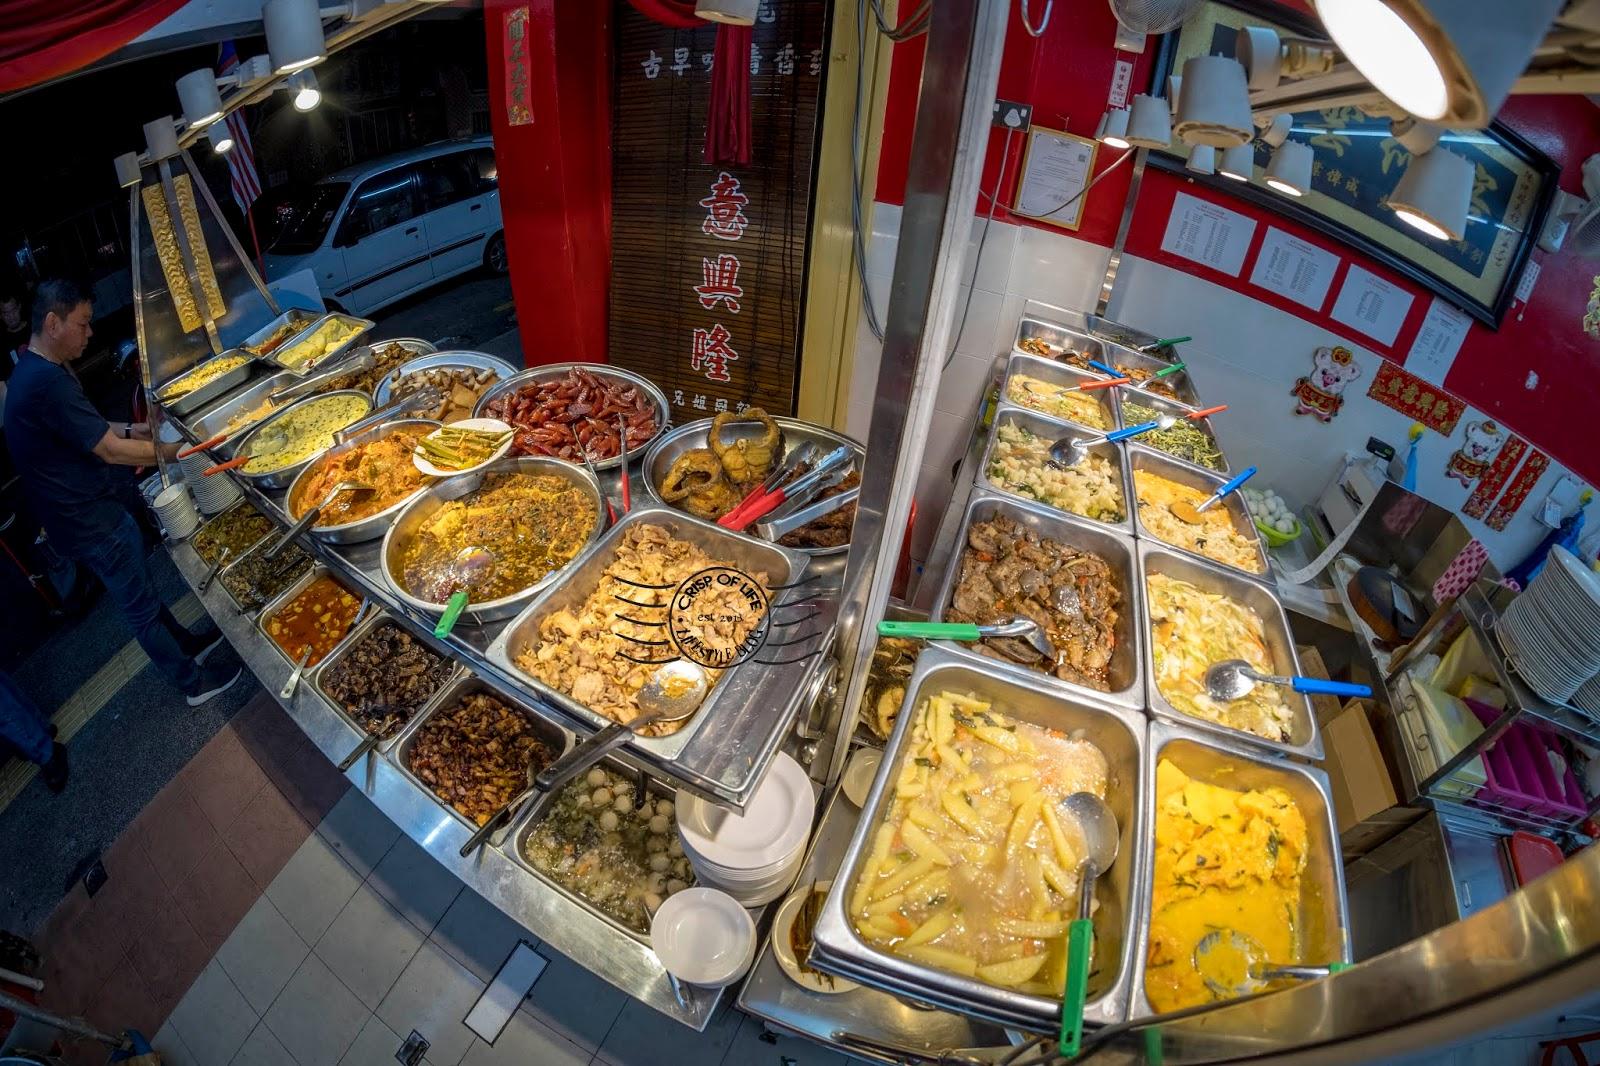 Teochew Porridge @ 社尾古早味清香粥, Kedai Makanan Xia Boey Kochabi Restaurant